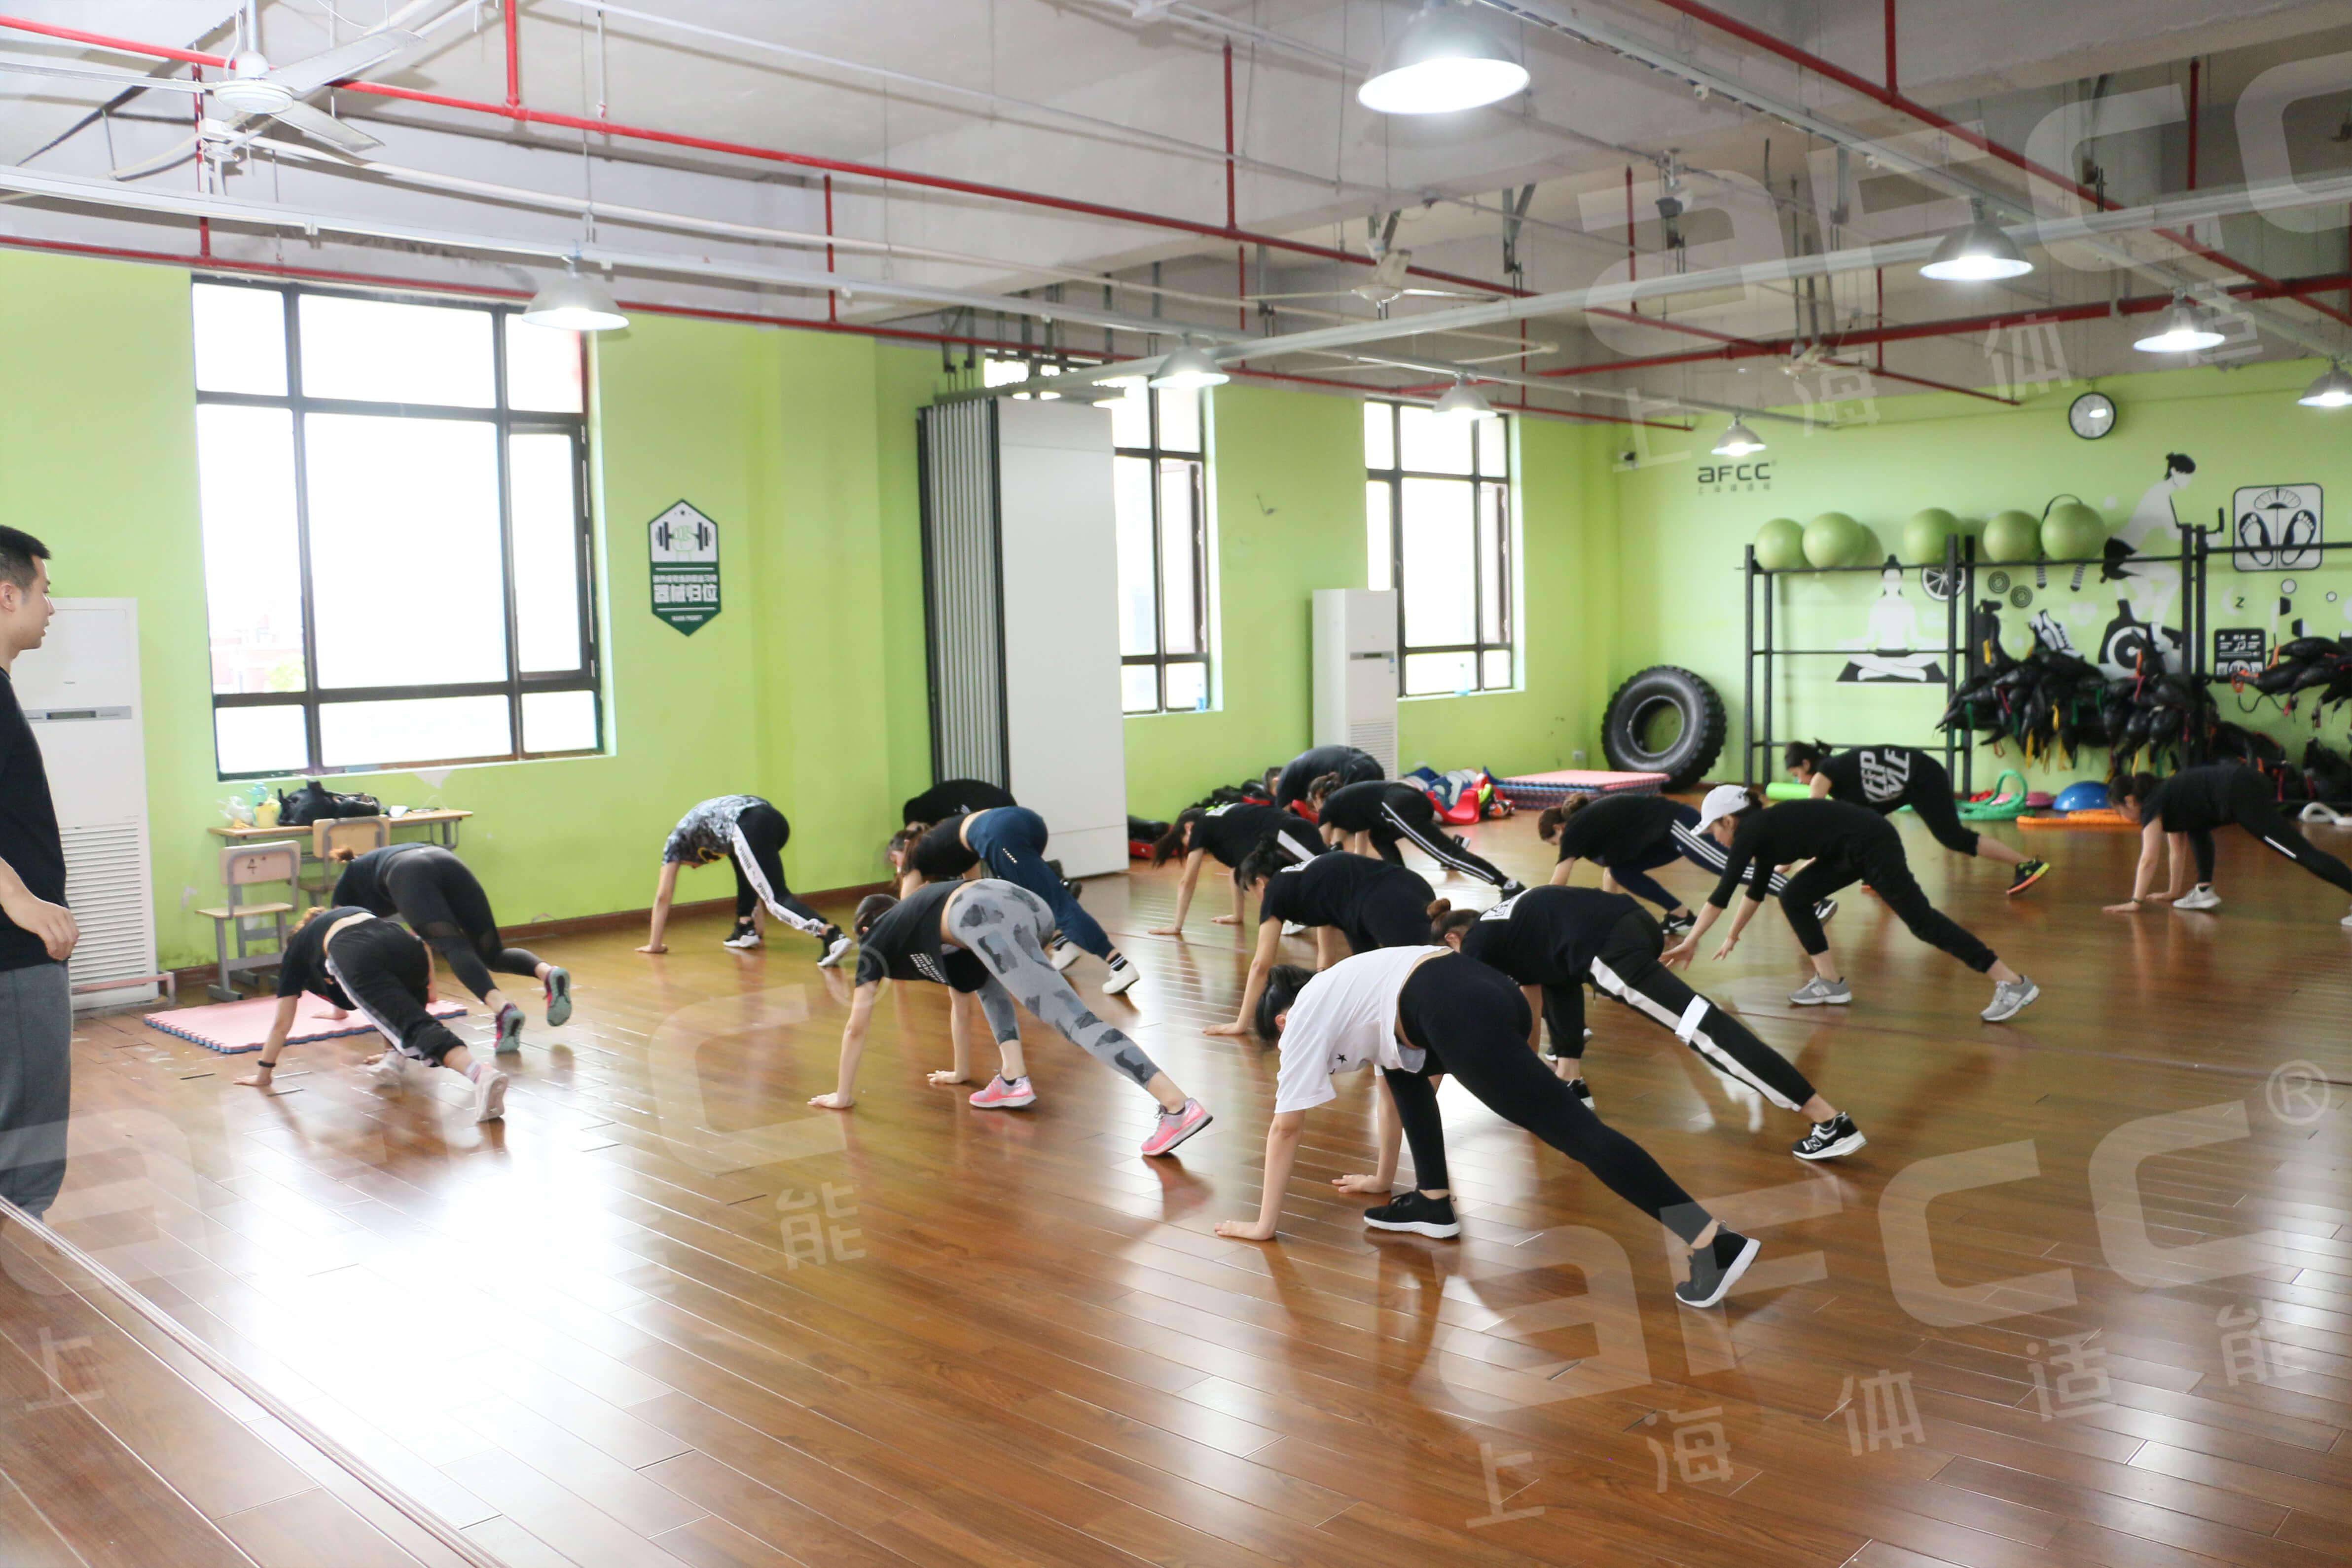 普拉提是一种舒缓全肌肉及提高人体躯干控制能力的课程